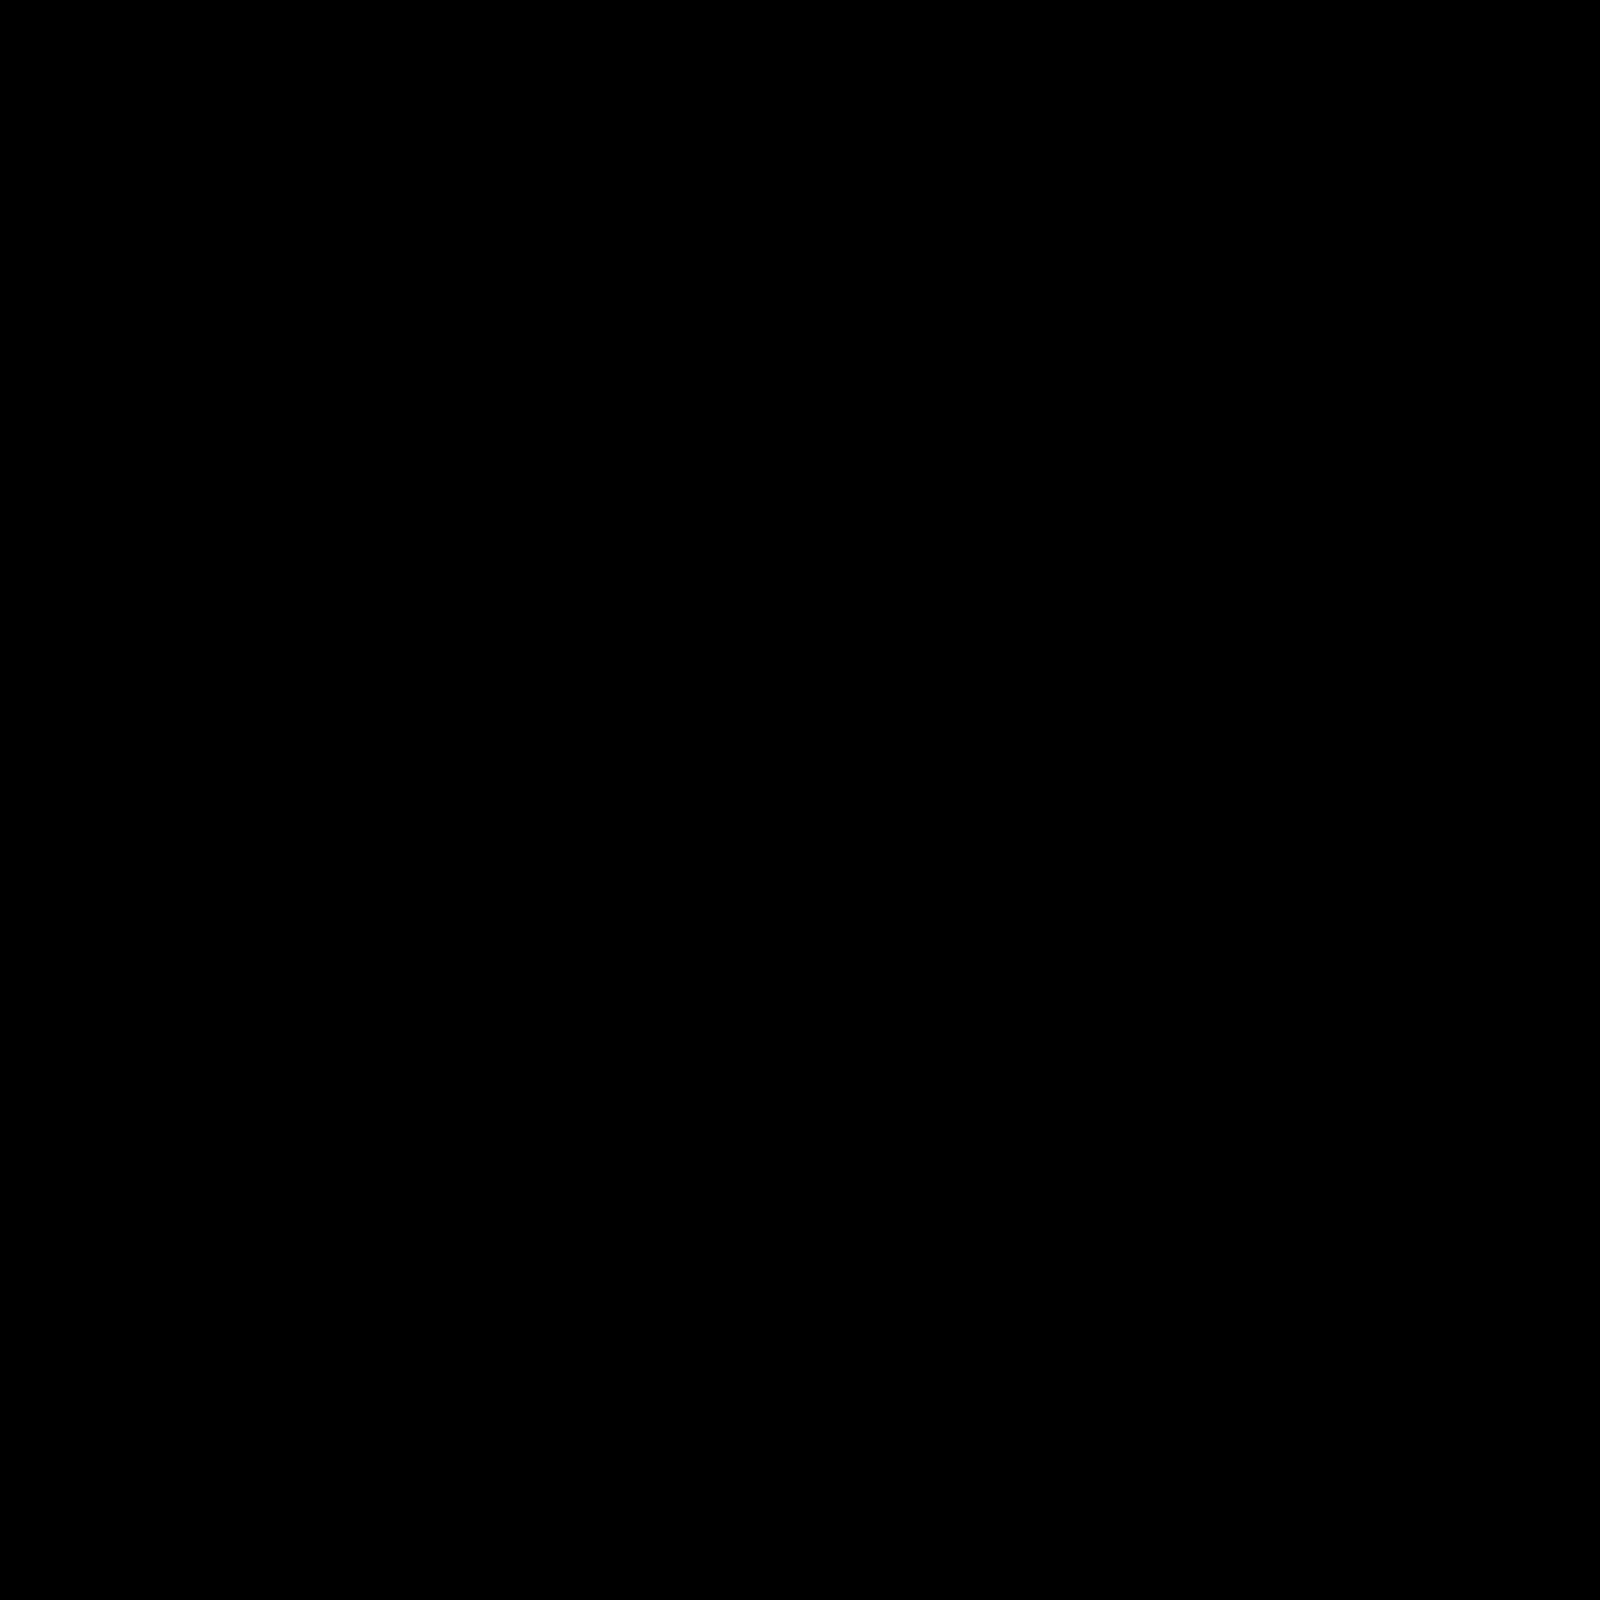 VKontakte Circled Filled icon